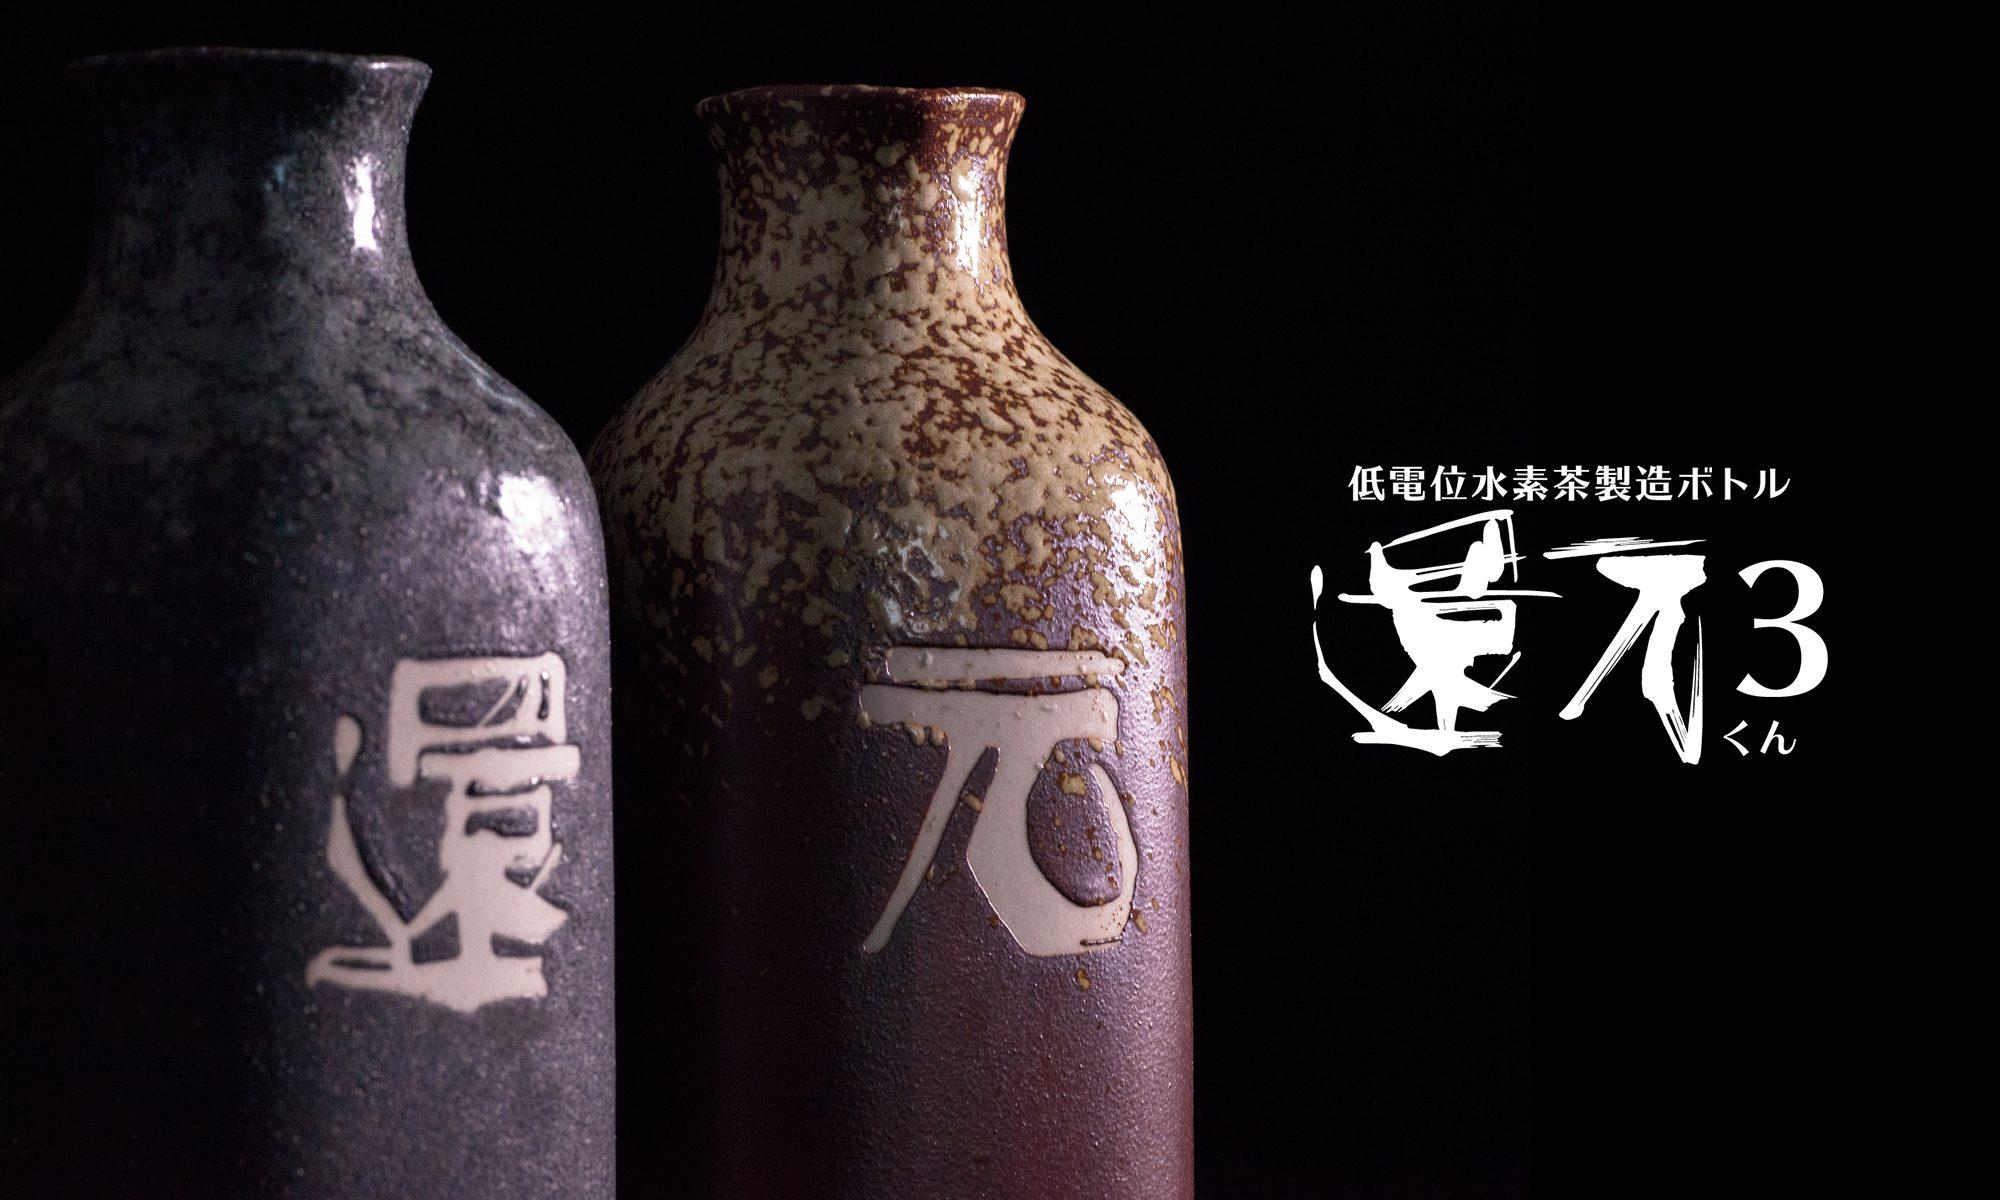 還元くん3(低電位水素茶製造ボトル)